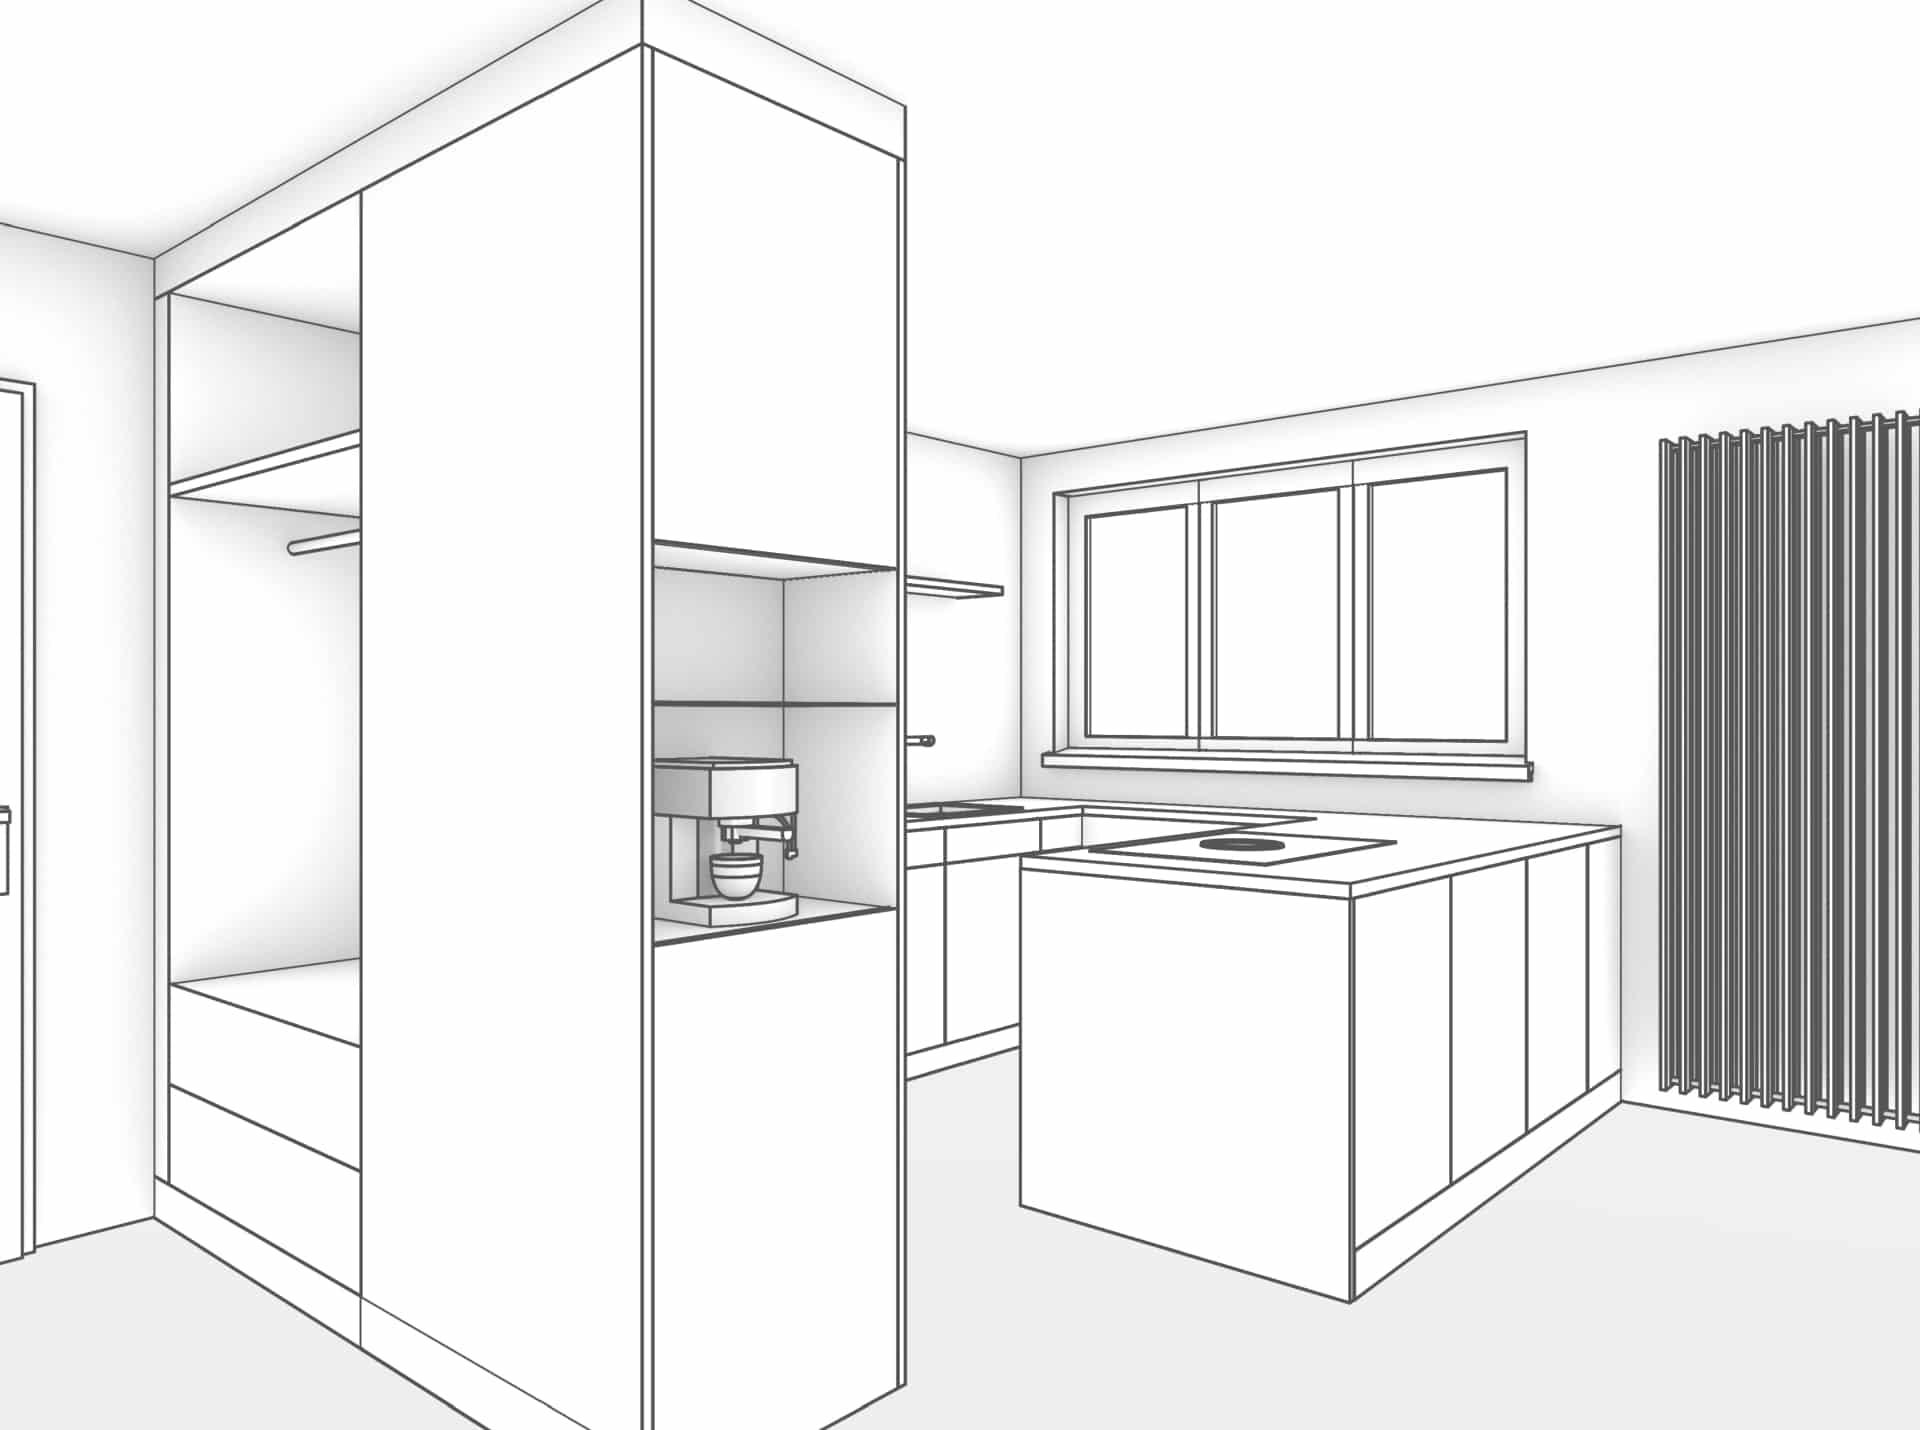 Schwarz/Weiss gehaltene Perspektive. Links wird der Eingangsbereich mit der raumhohen Garderobe gezeigt. Die Garderobe ist der Länge nach in den Raum gestellt und wird als Raumtrenner zwischen Eingangsbereich und Küche genutzt. Am Stirnende der Garderobe befindet sich eine Kaffeenische. Weiter wird die offen gestaltete Küche gezeigt mit einer Kochinsel die parallel zum Wohnraum platziert wurde.